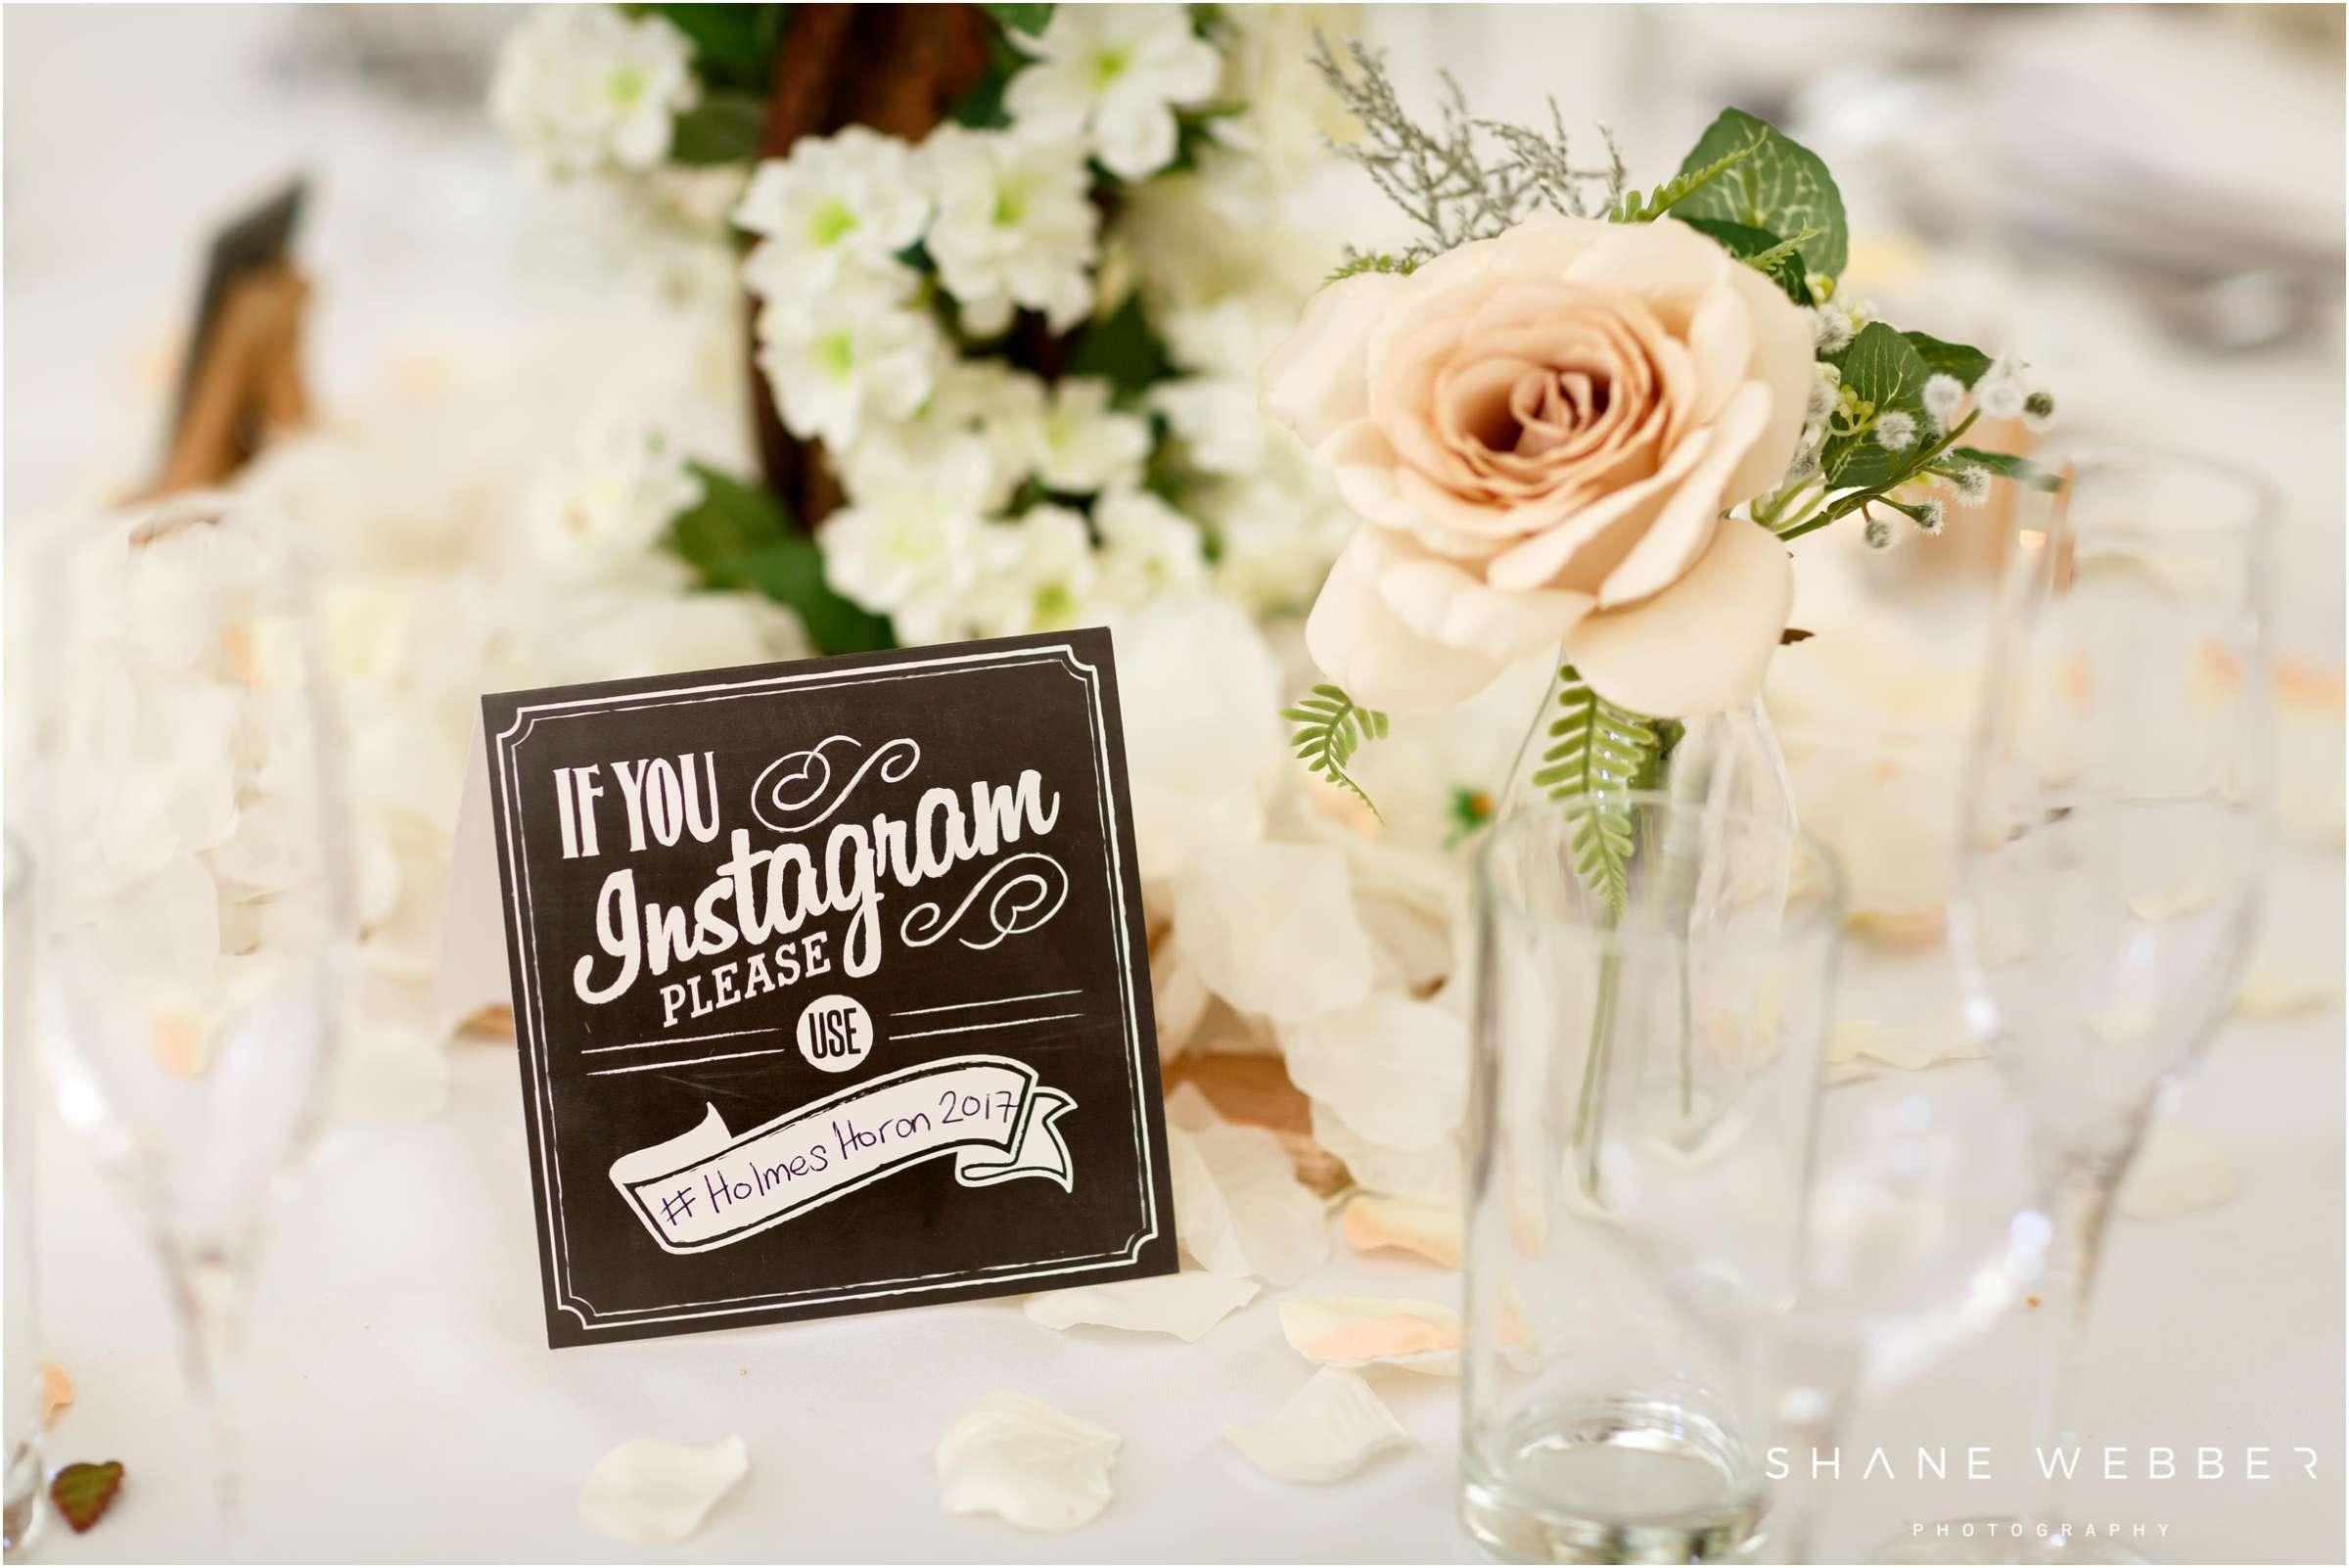 wedding styling ideas